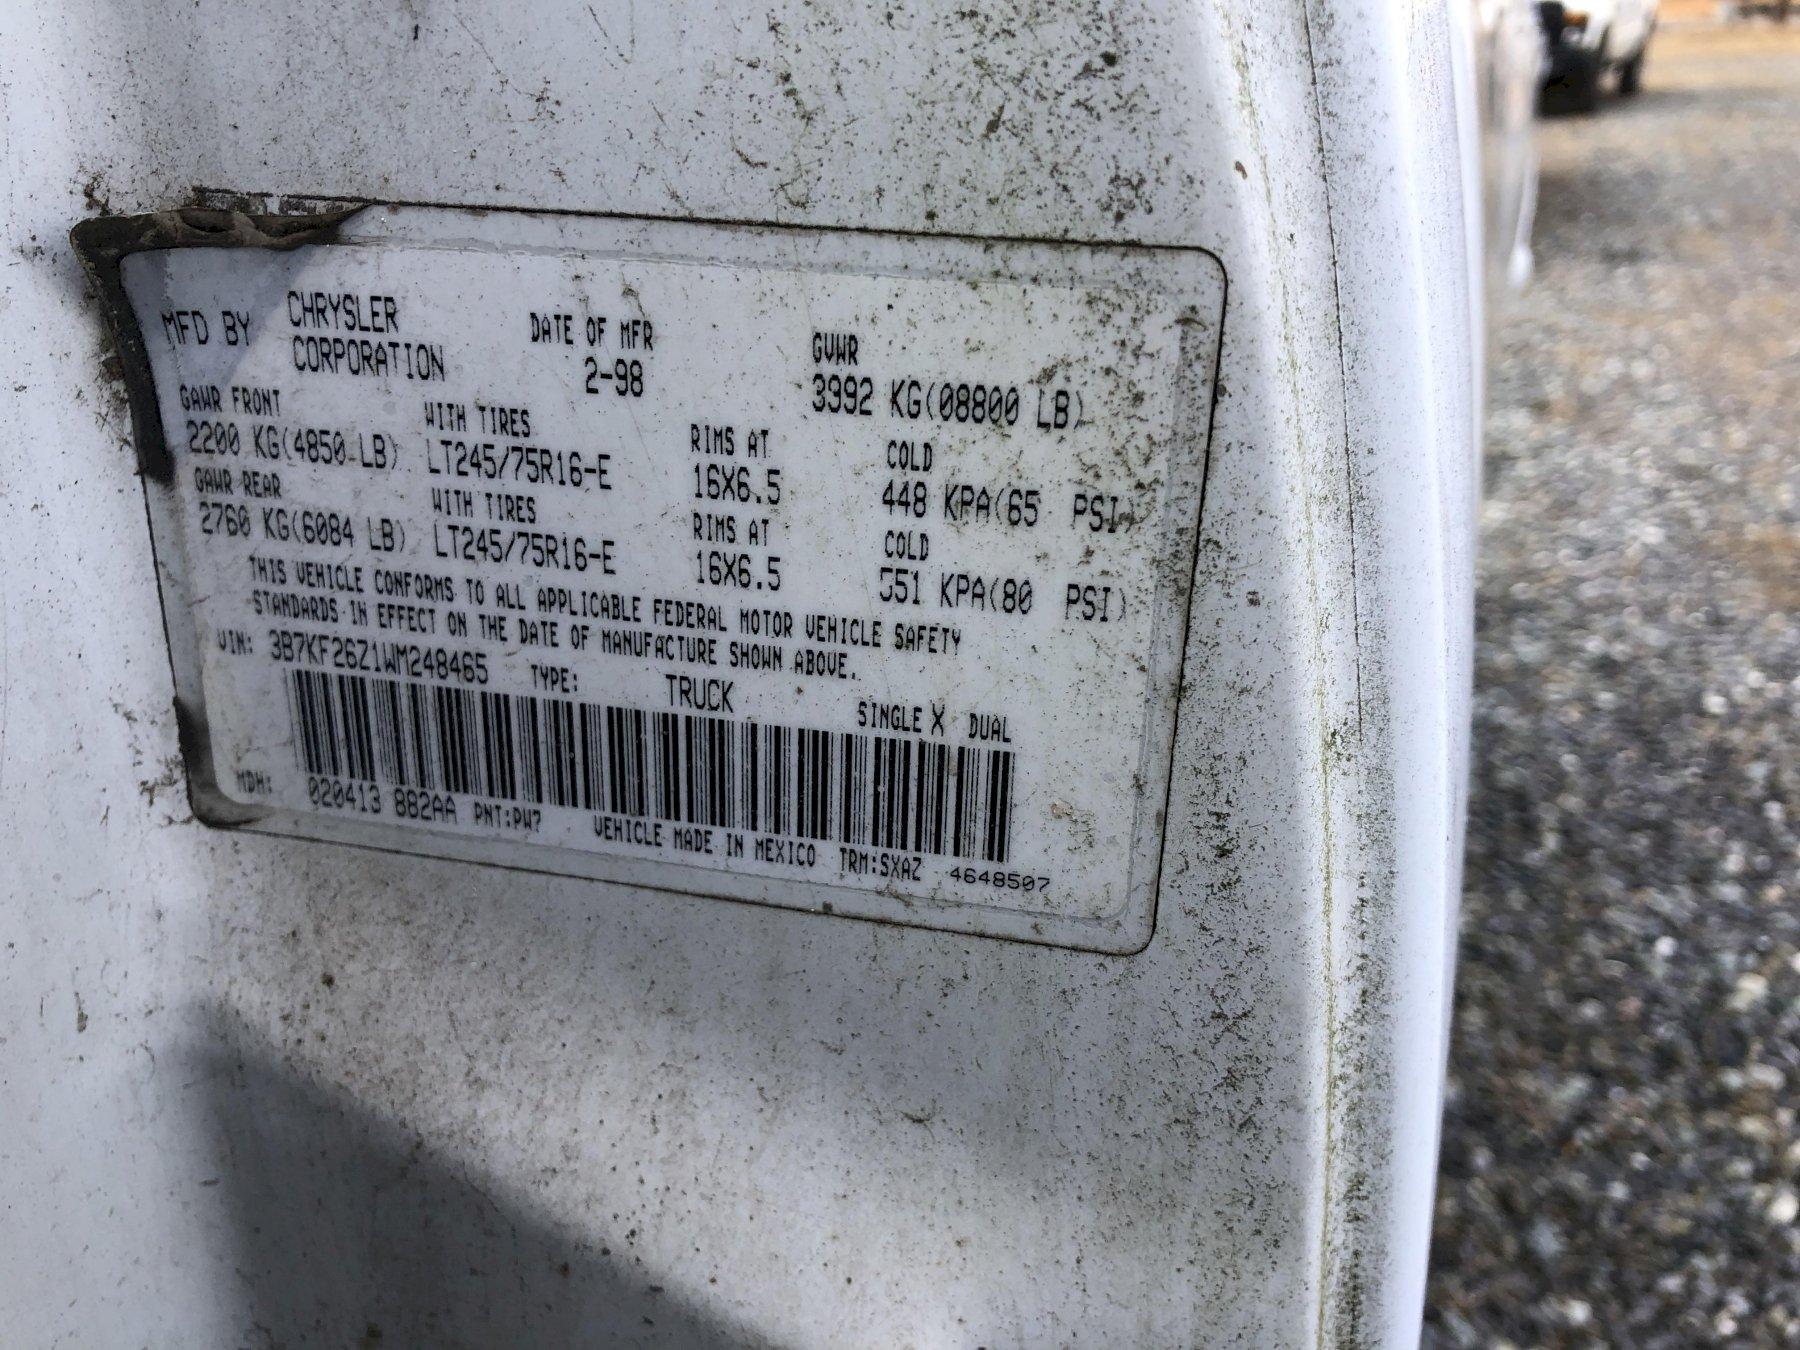 1998 Dodge ram2500 v8 pickup truck vin# 3b7kf26z1wm248465